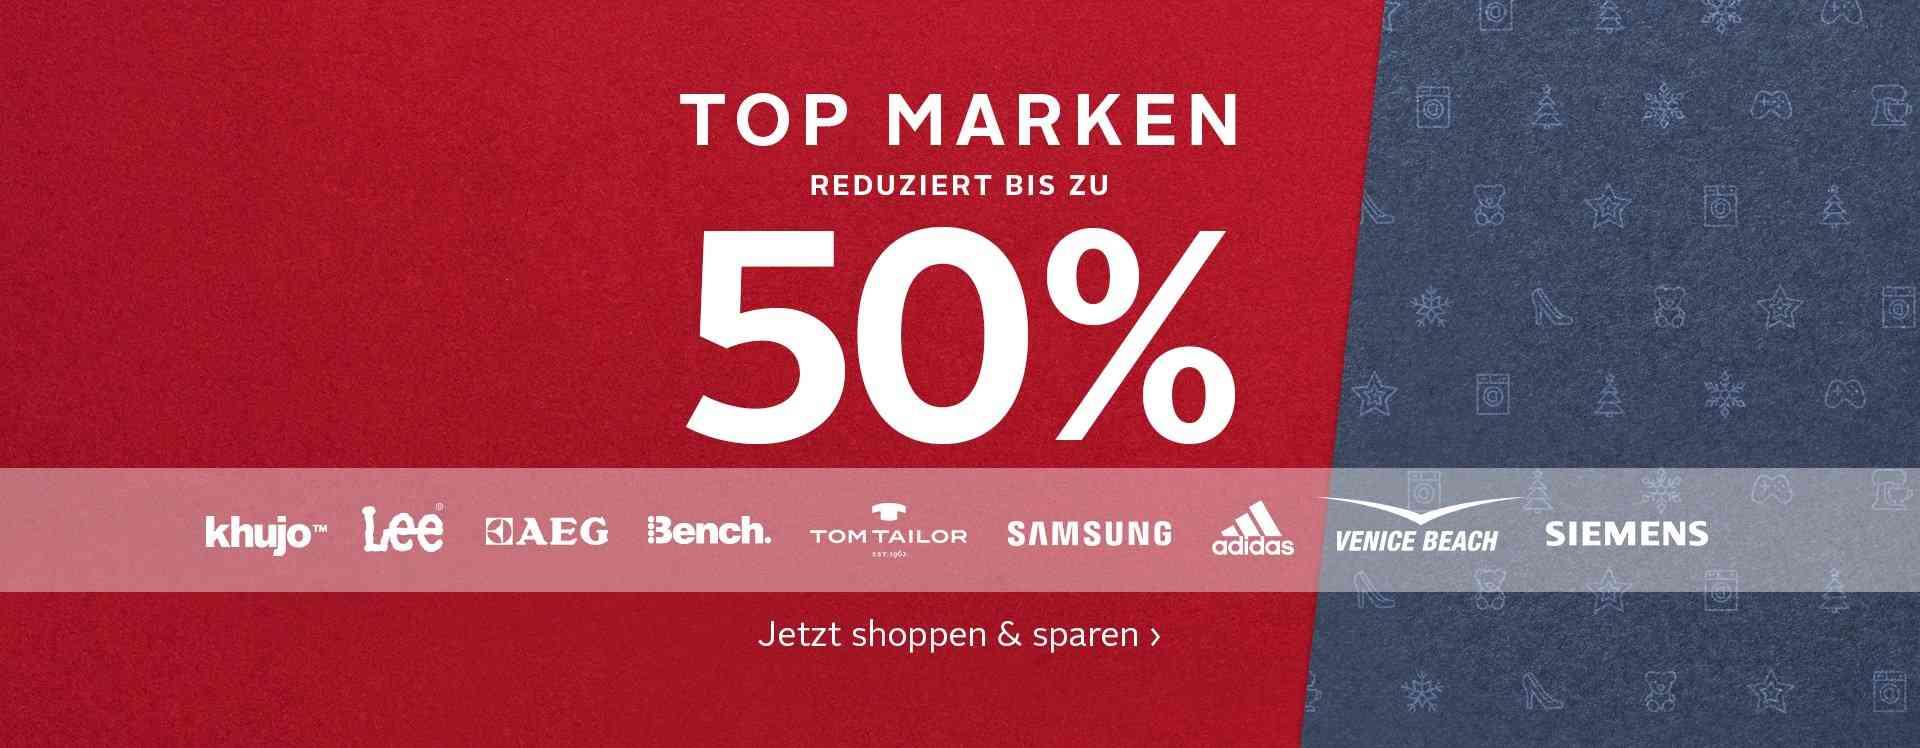 Top-Marken bis zu 50% reduziert